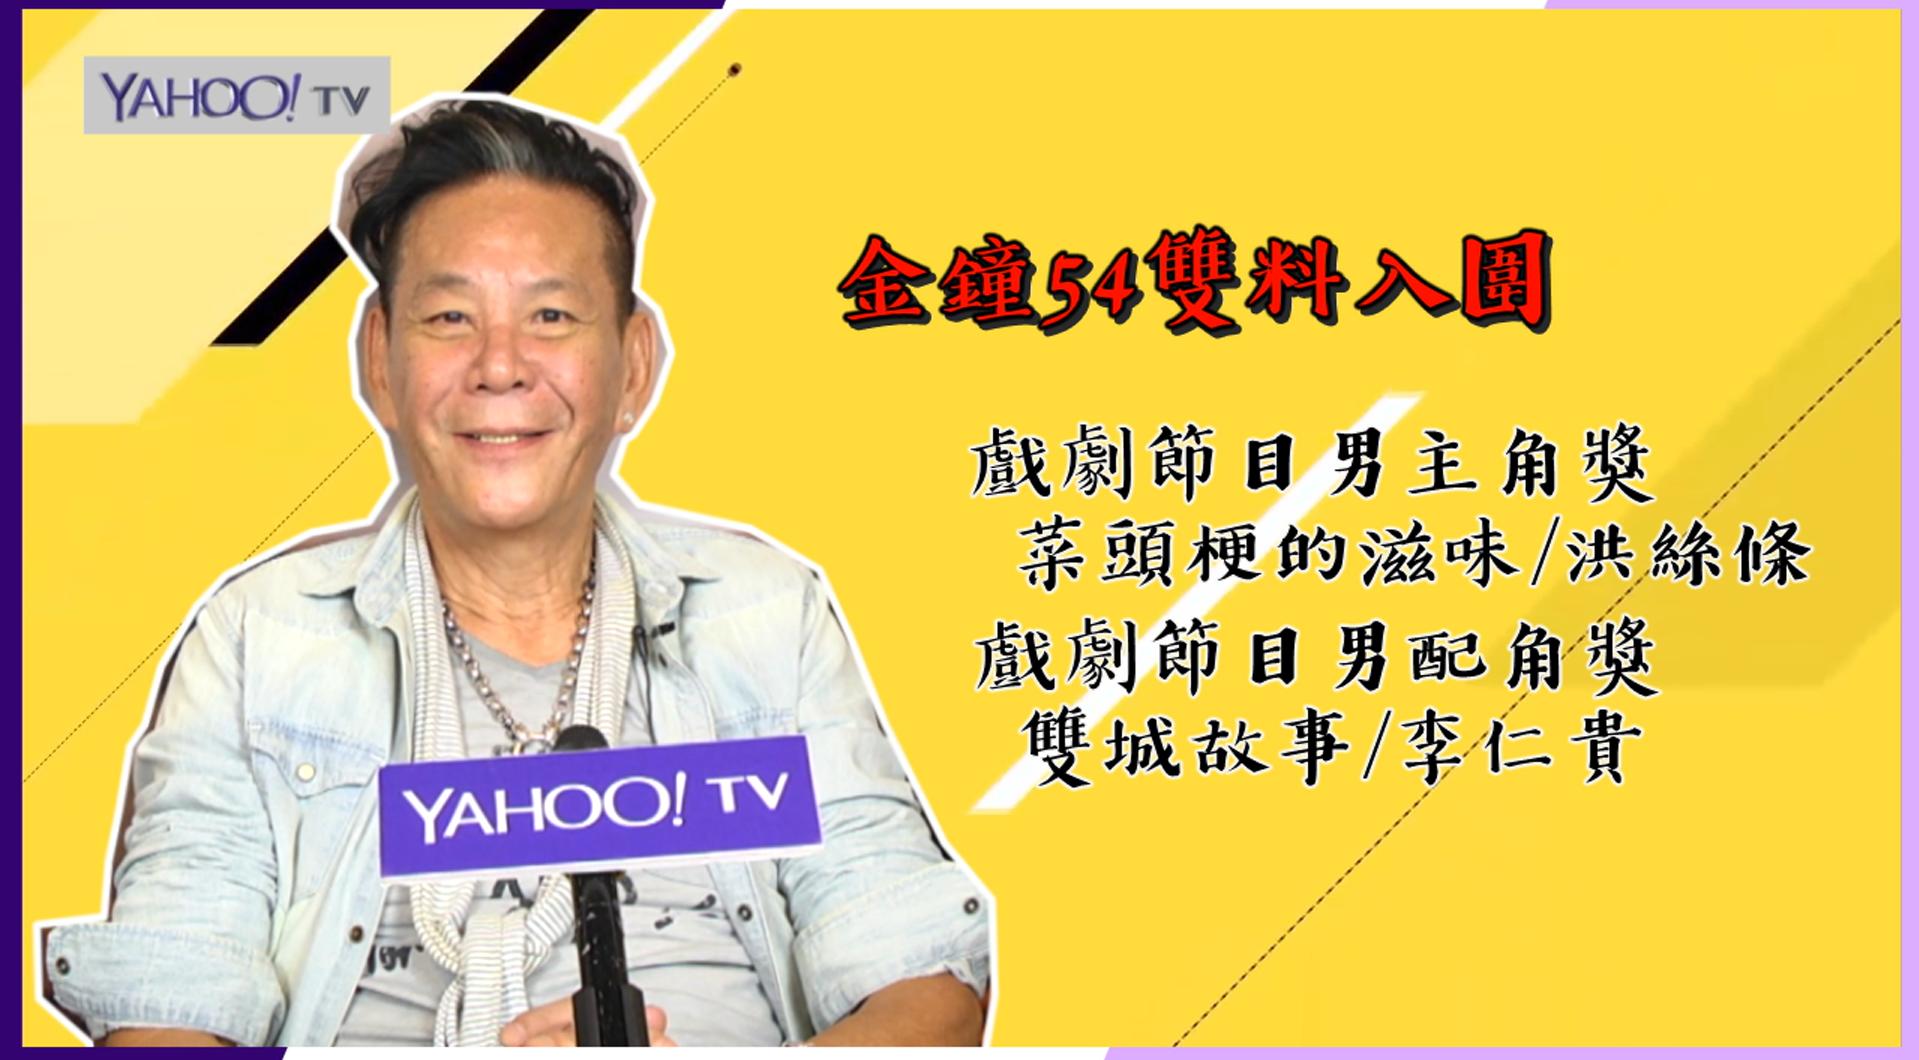 金鐘專訪/龍劭華不嗆評審了 長大當明星原因有洋蔥